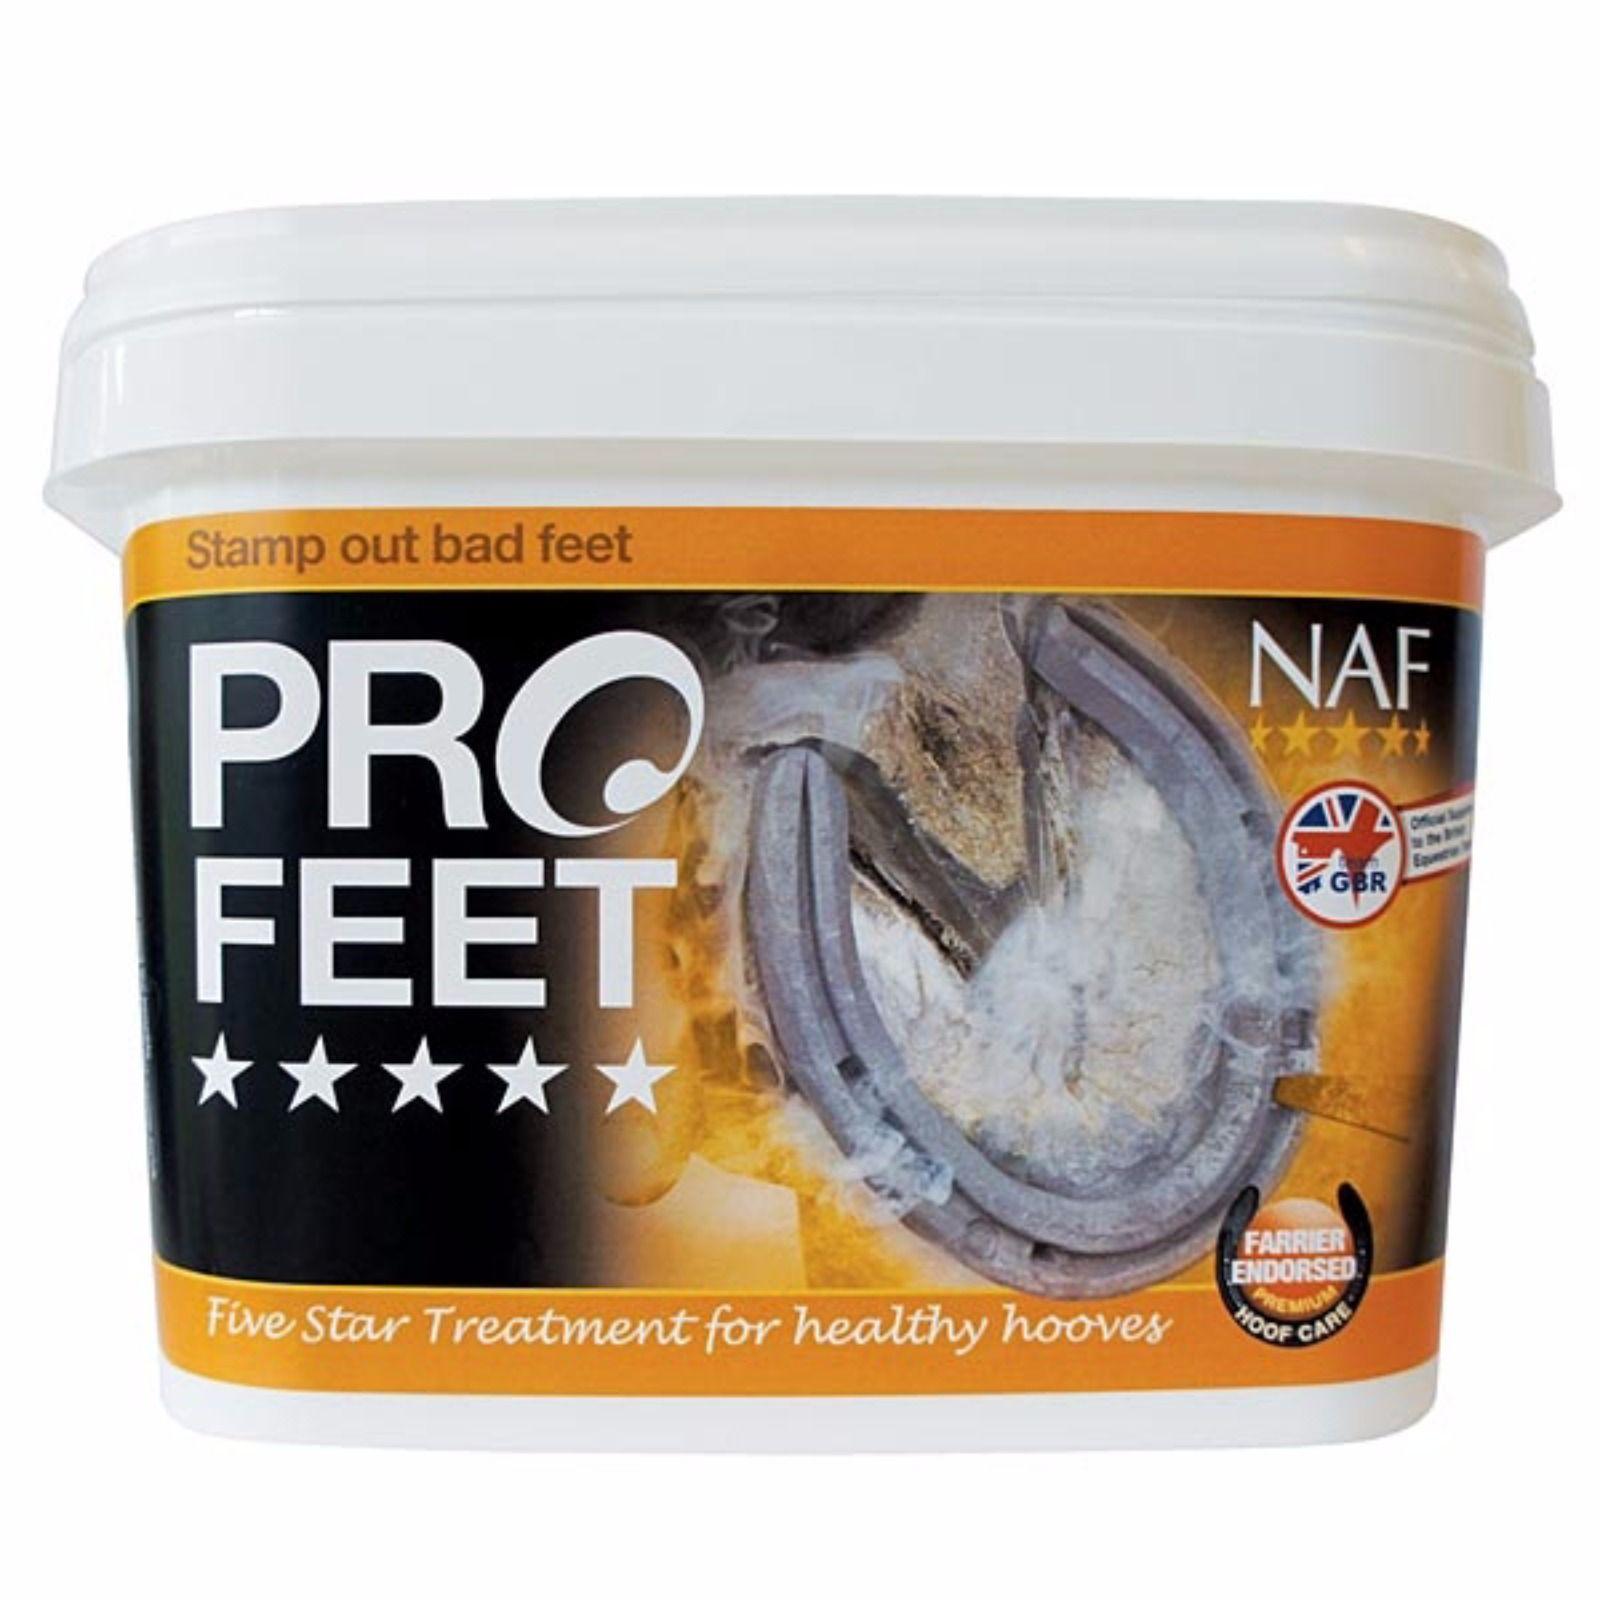 NAF  5 Star Pro Feet Powder